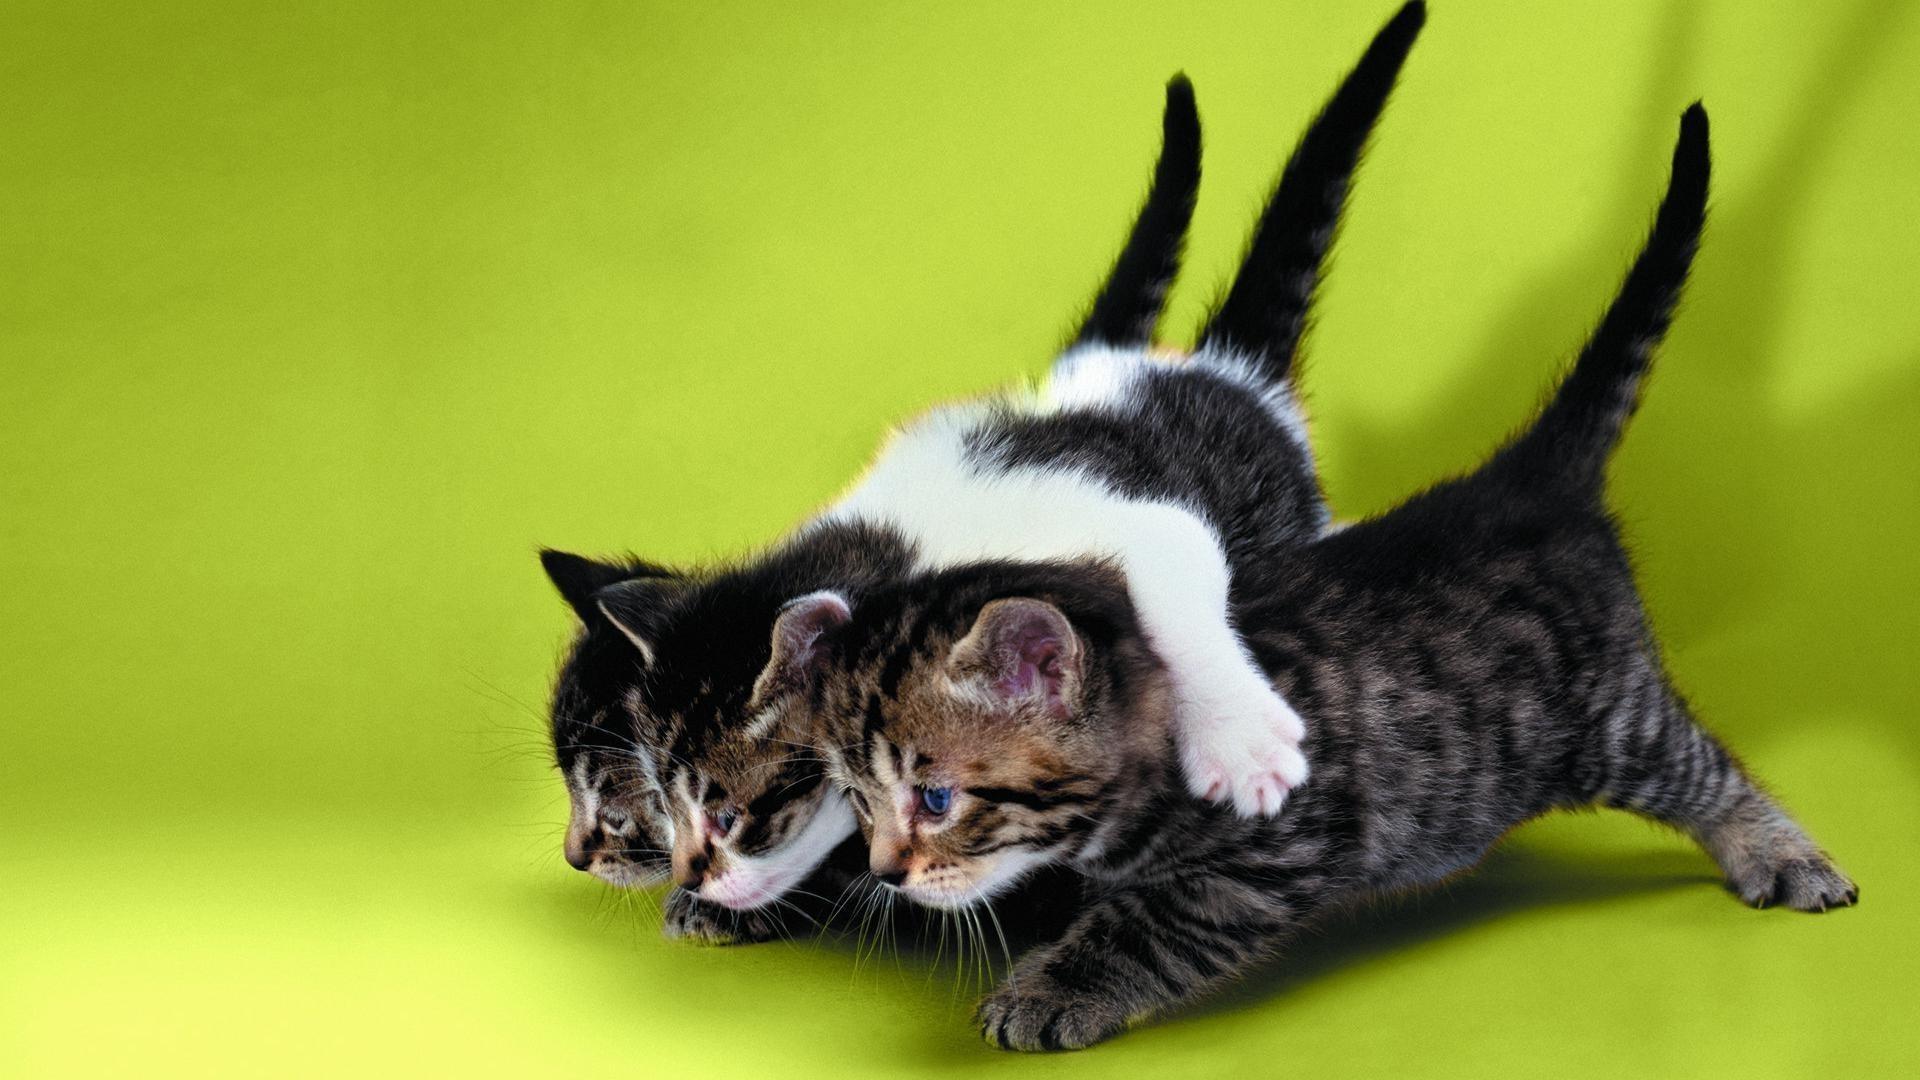 обои для рабочего стола забавных кошек № 606122  скачать